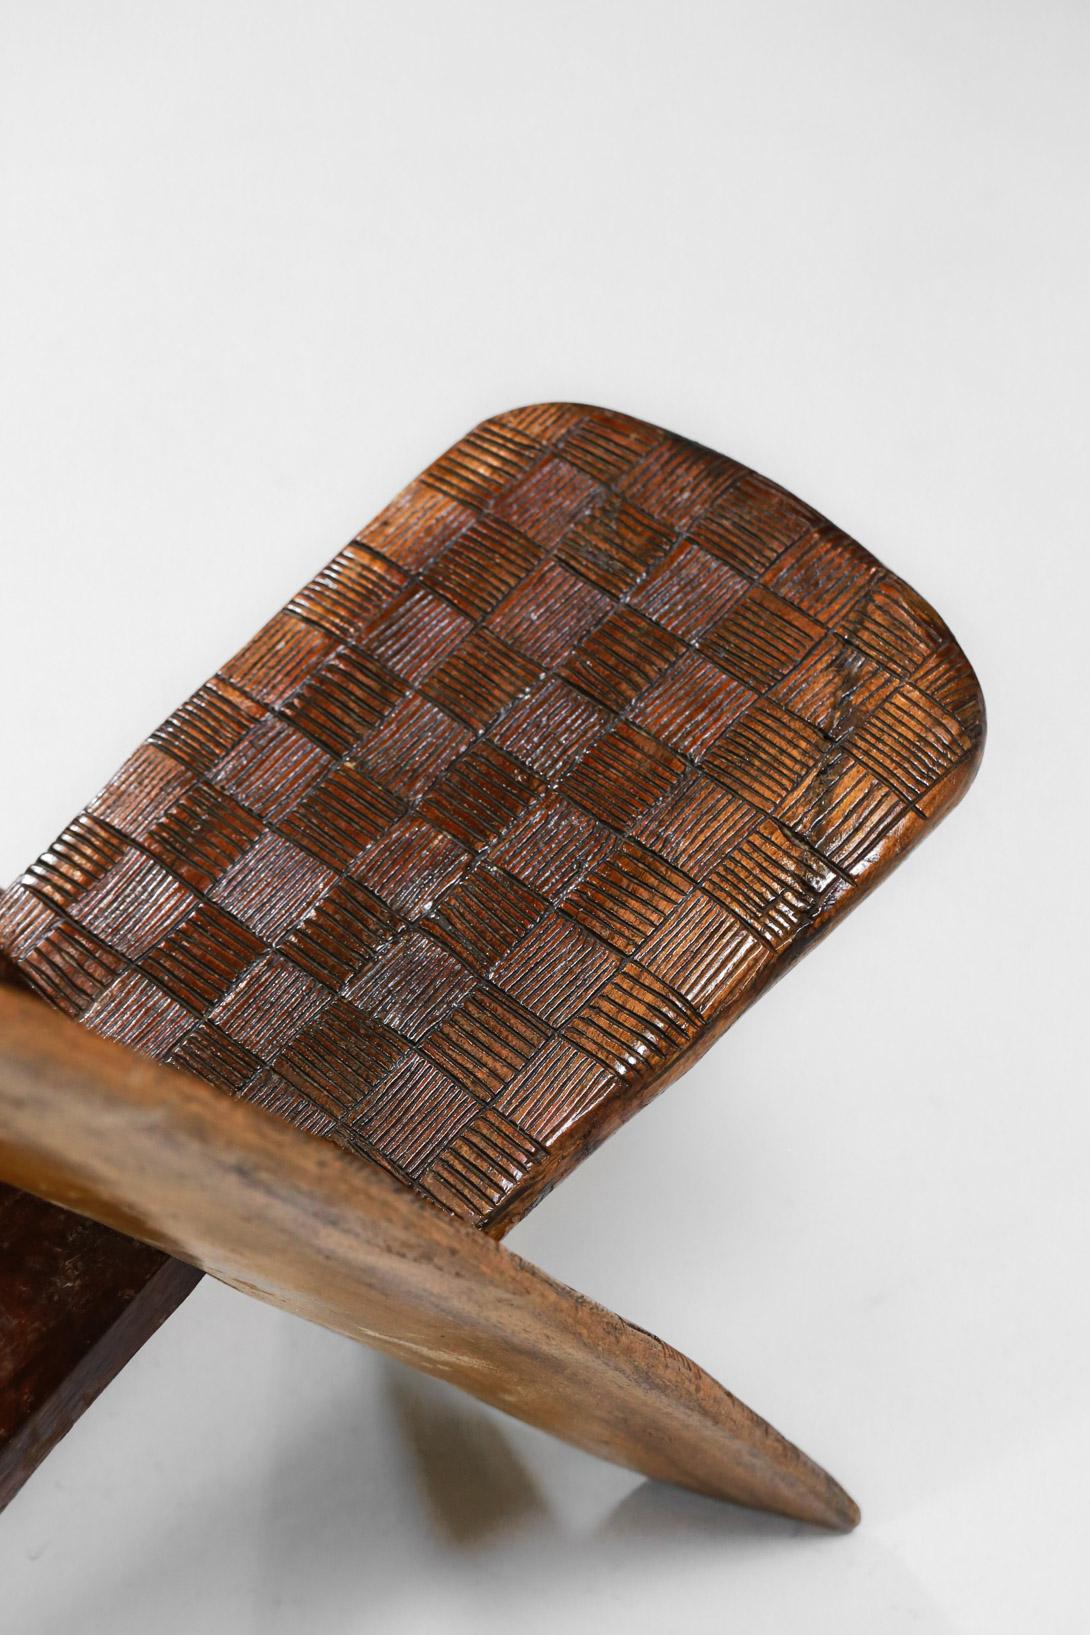 chaise pliable africaine en bois massif decor à damier – Danke Galerie